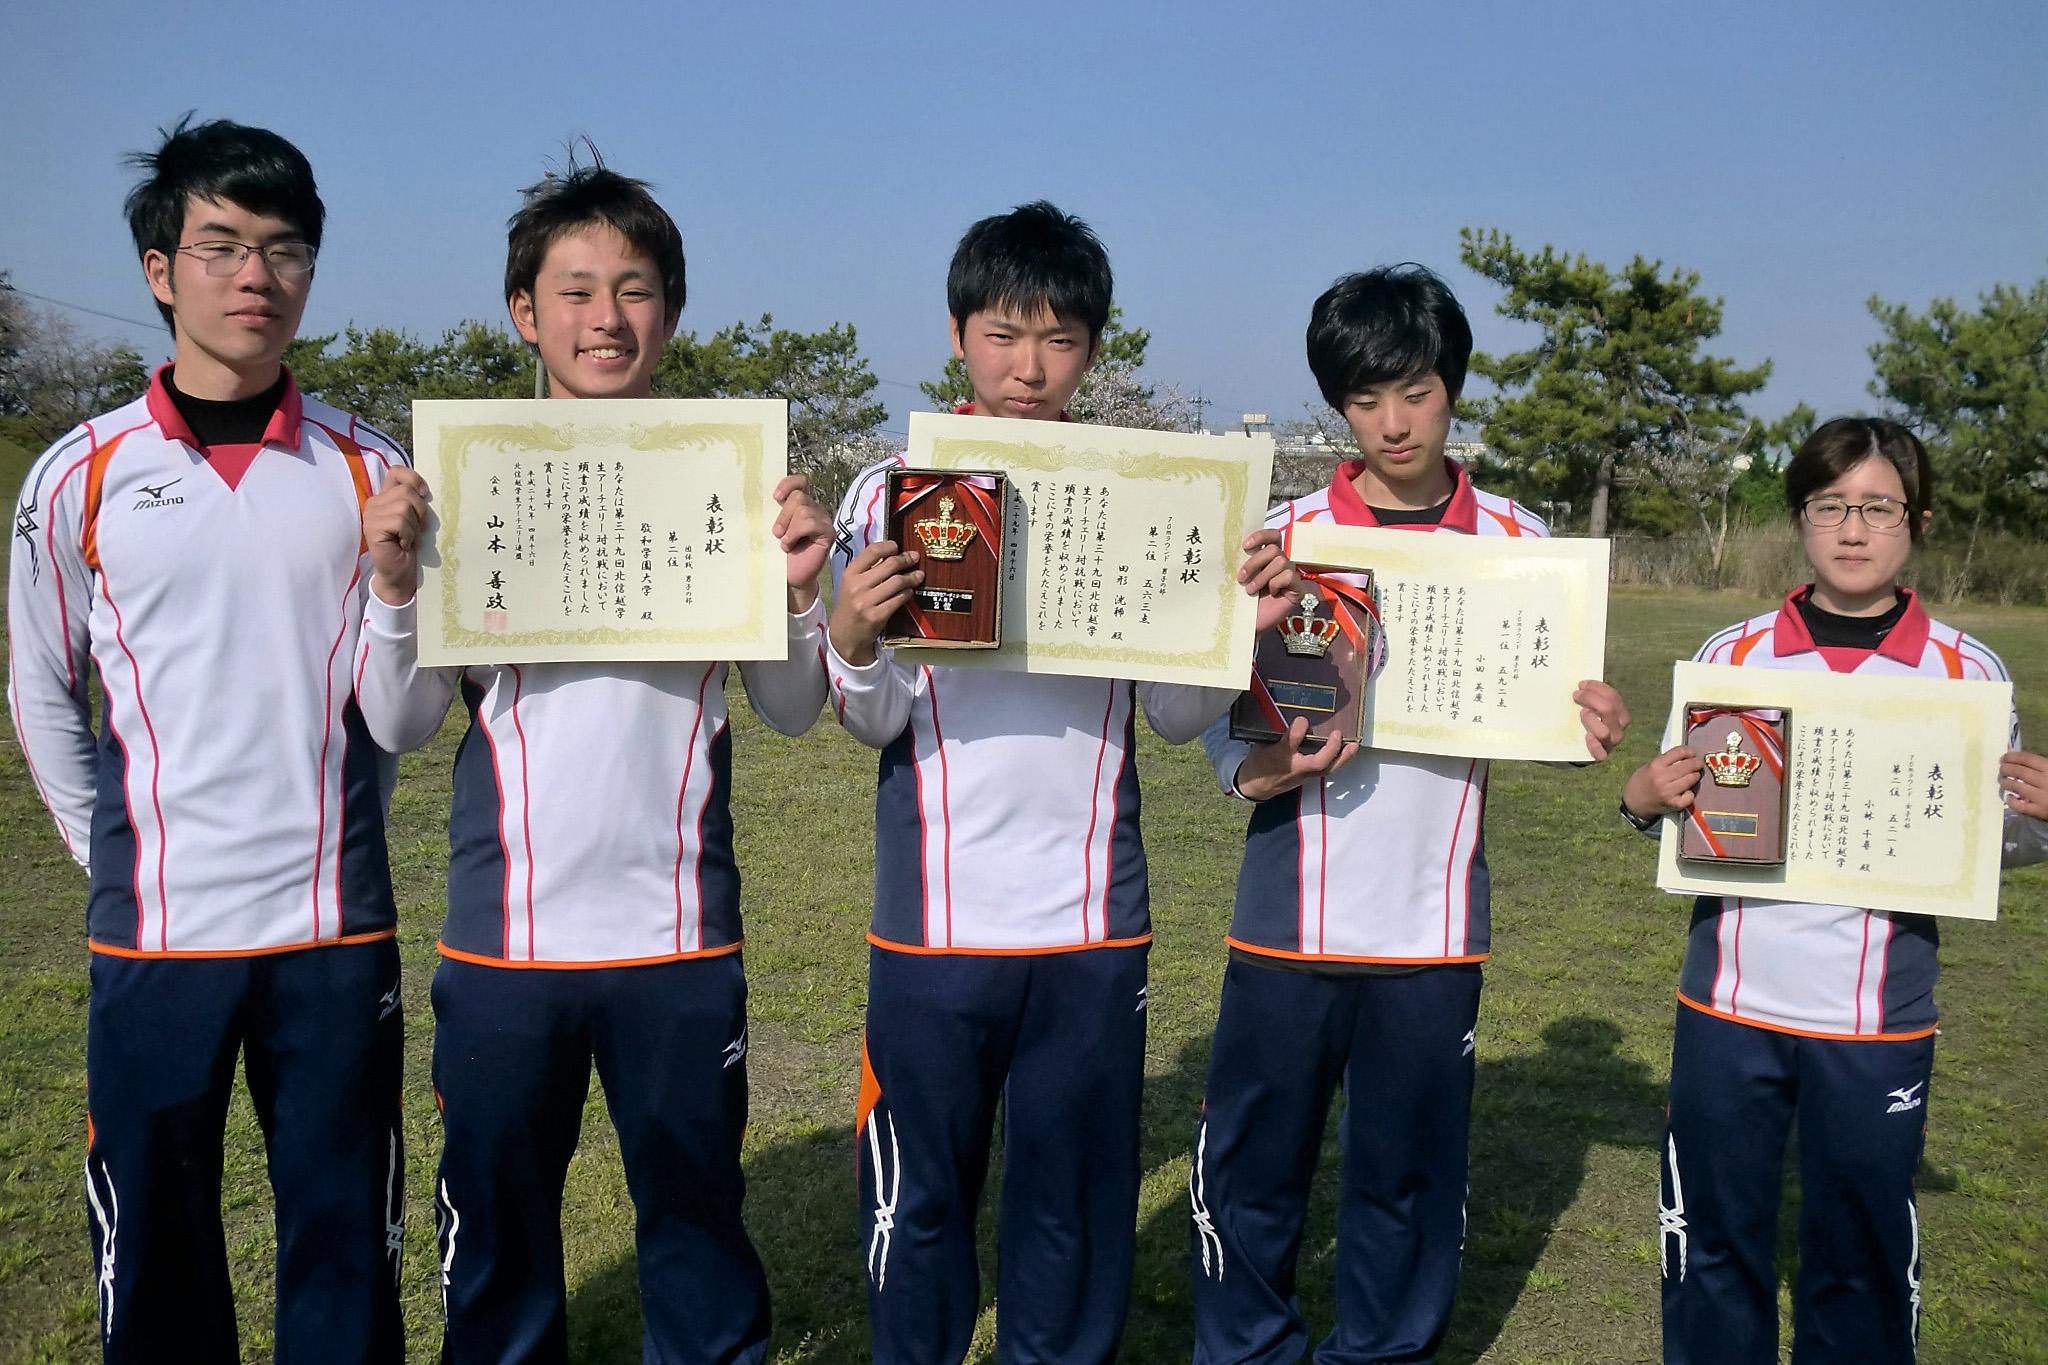 【敬和スポーツ】敬和学園大学の学生が北信越学生アーチェリー対抗戦で優勝!